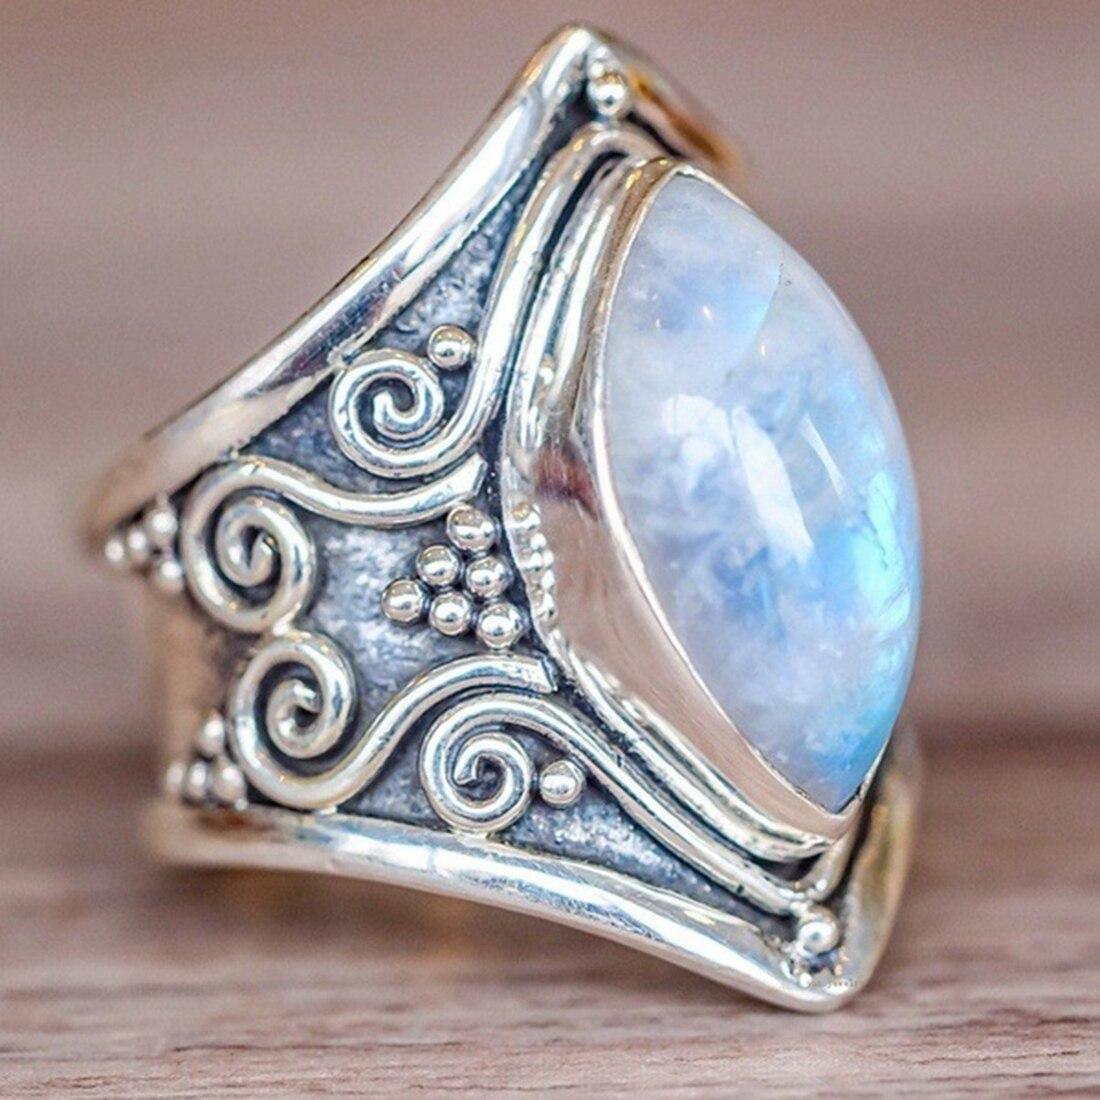 Винтаж Серебро Большое Каменное Кольцо для Для женщин Мода чешского ювелирные изделия в стиле